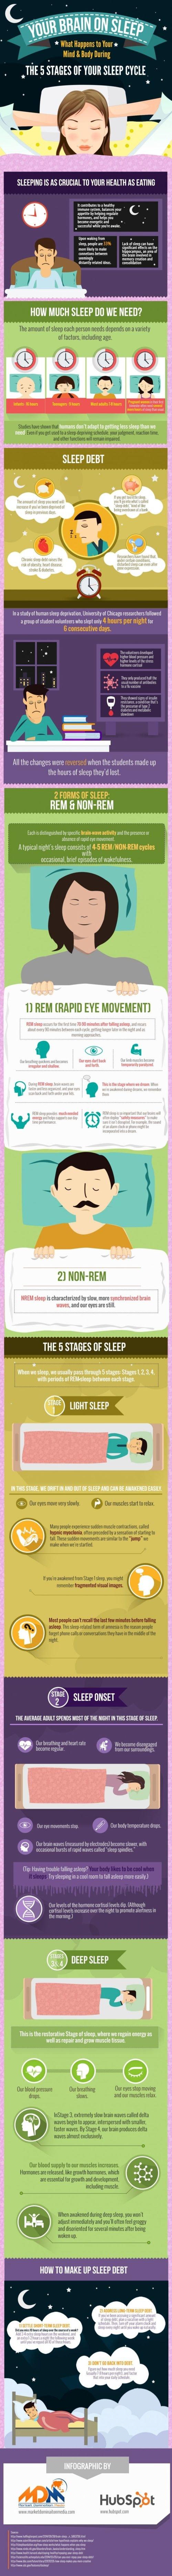 Get Your Sleep via Blake Myers